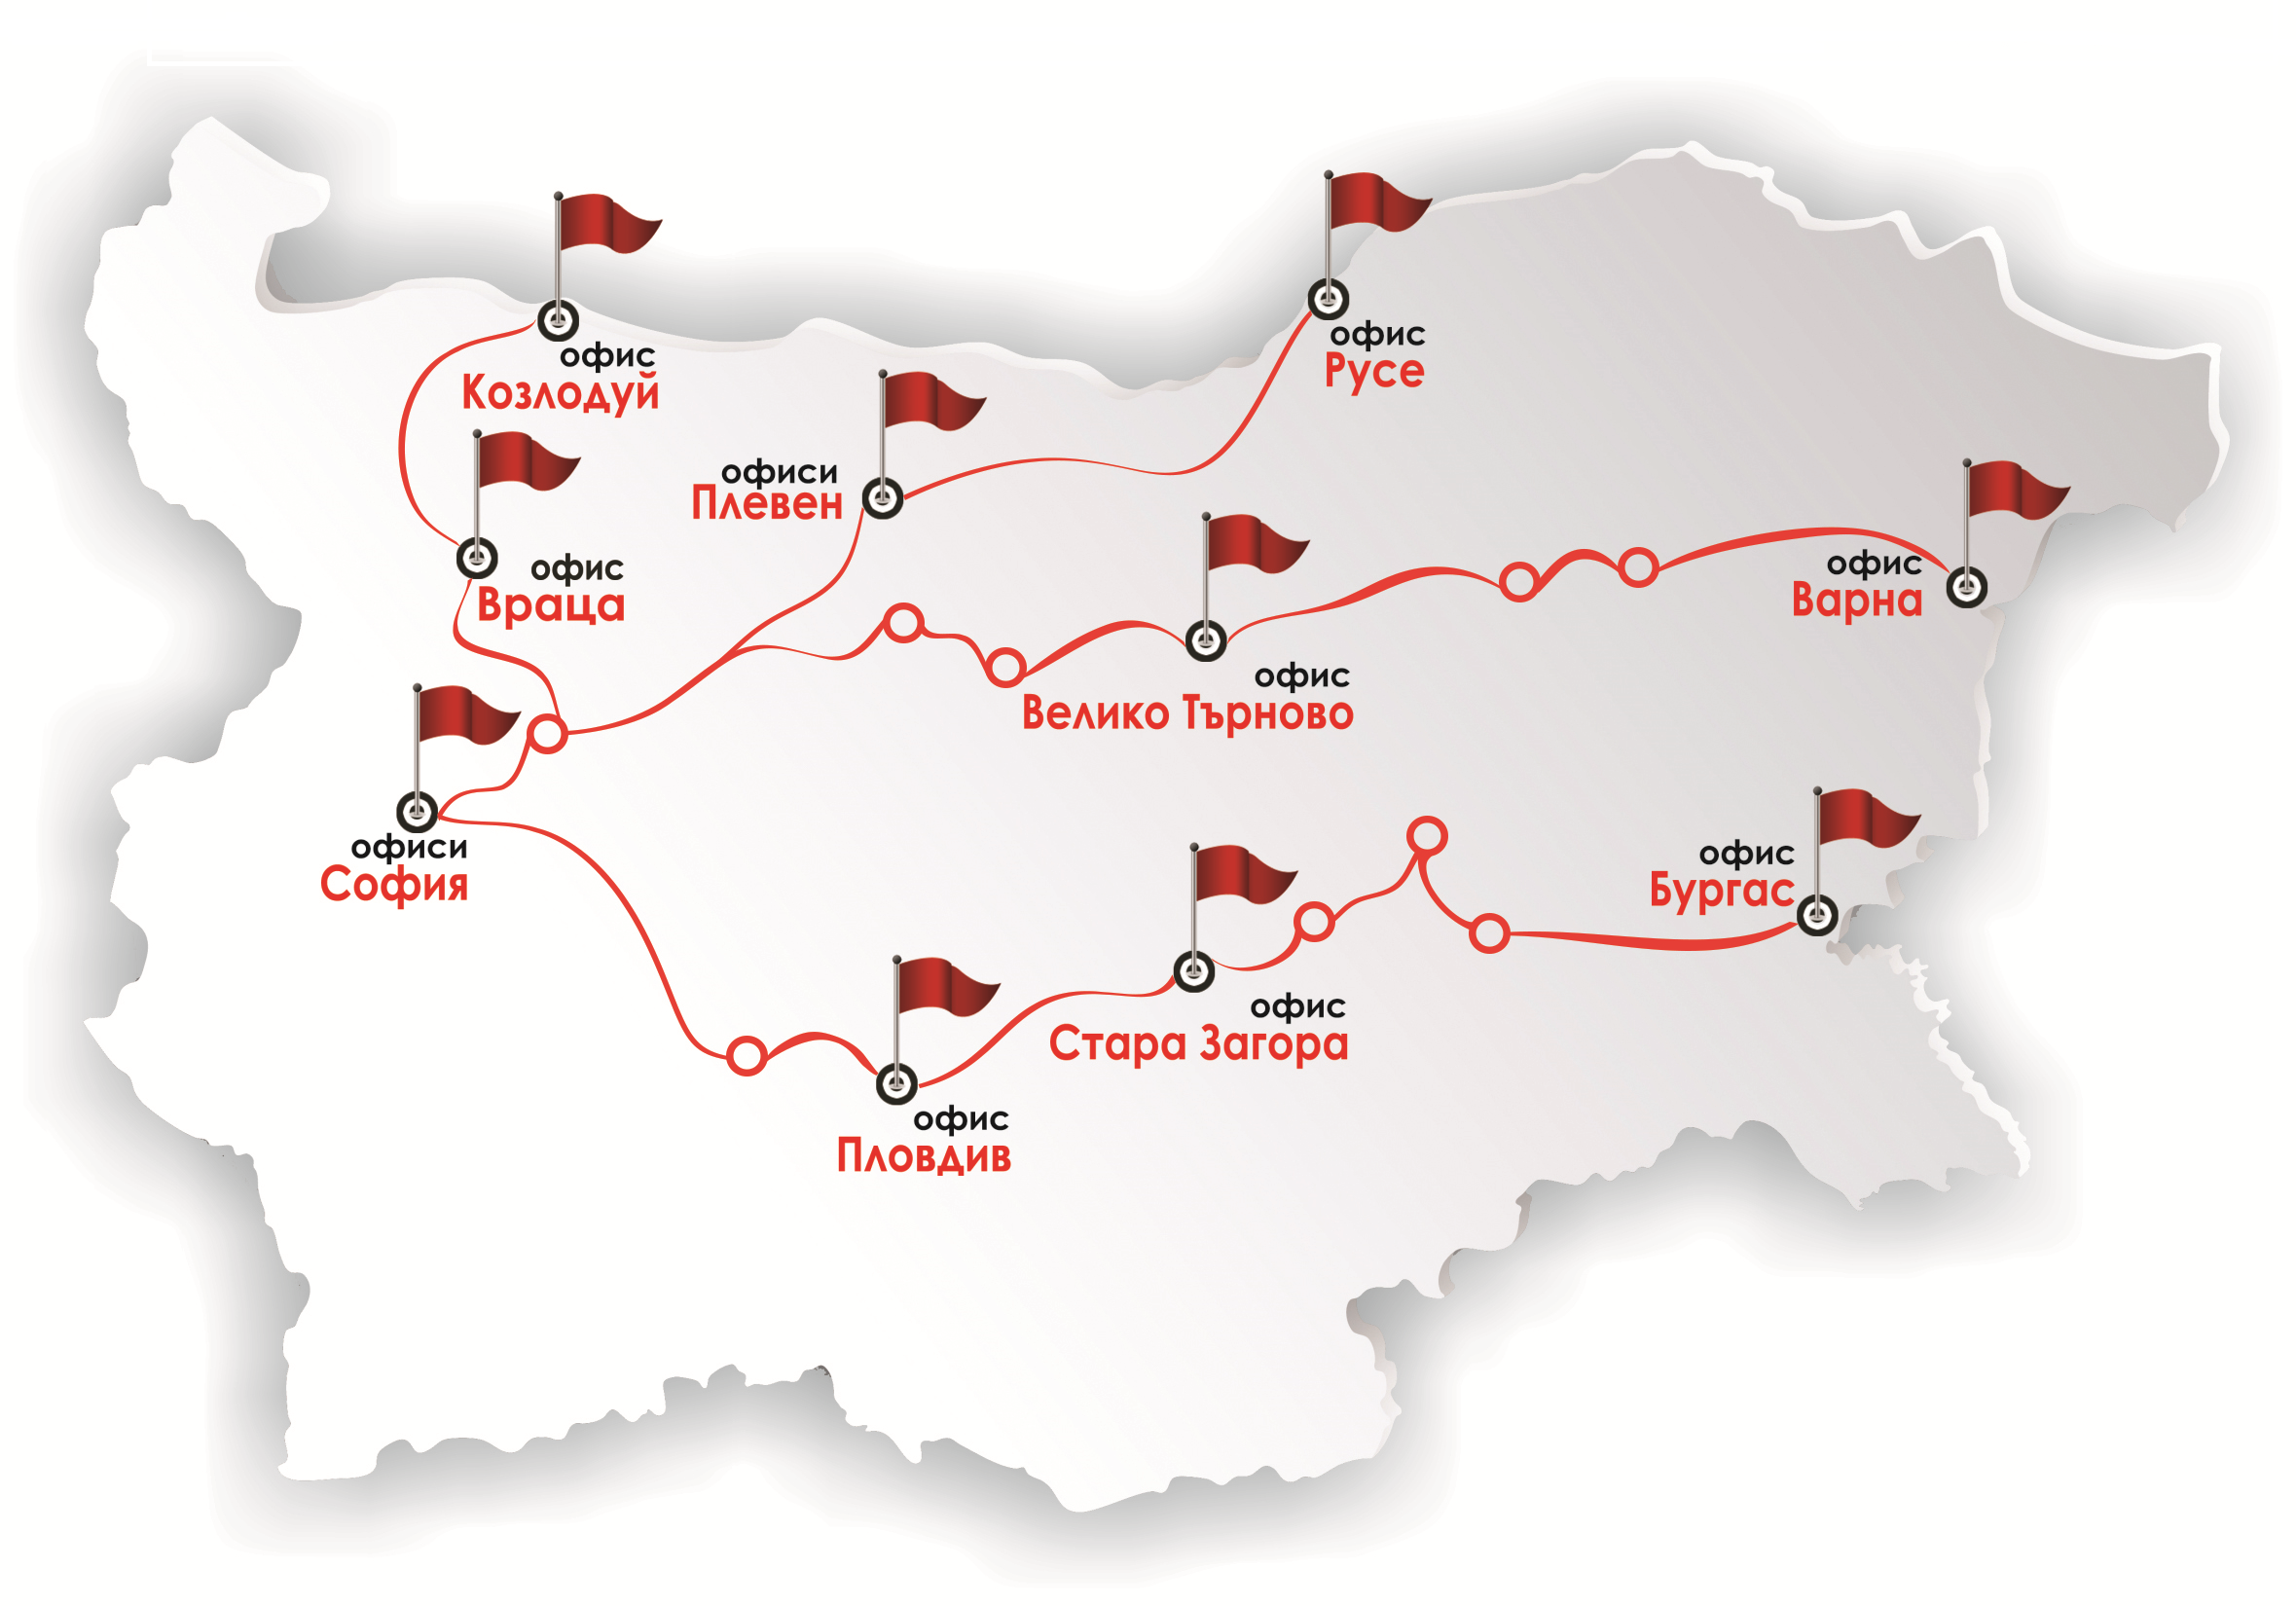 Екскурзия с тръгване от Враца, Екскурзия с тръгване от Козлодуй, Екскурзия с тръгване от Русе, Екскурзия с тръгване от Ботевград, Екскурзия с тръгване от Луковит, Екскурзия с тръгване от Плевен, Екскурзия с тръгване от Ловеч, Екскурзия с тръгване от Севлиево, Екскурзия с тръгване от Велико Търново, Екскурзия с тръгване от Търговище, Екскурзия с тръгване от Шумен, Екскурзия с тръгване от Варна, Екскурзия с тръгване от Пловдив, Екскурзия с тръгване от Стара Загора, Екскурзия с тръгване от Нова Загора, Екскурзия с тръгване от Сливен, Екскурзия с тръгване от Ямбол, Екскурзия с тръгване от Бургас